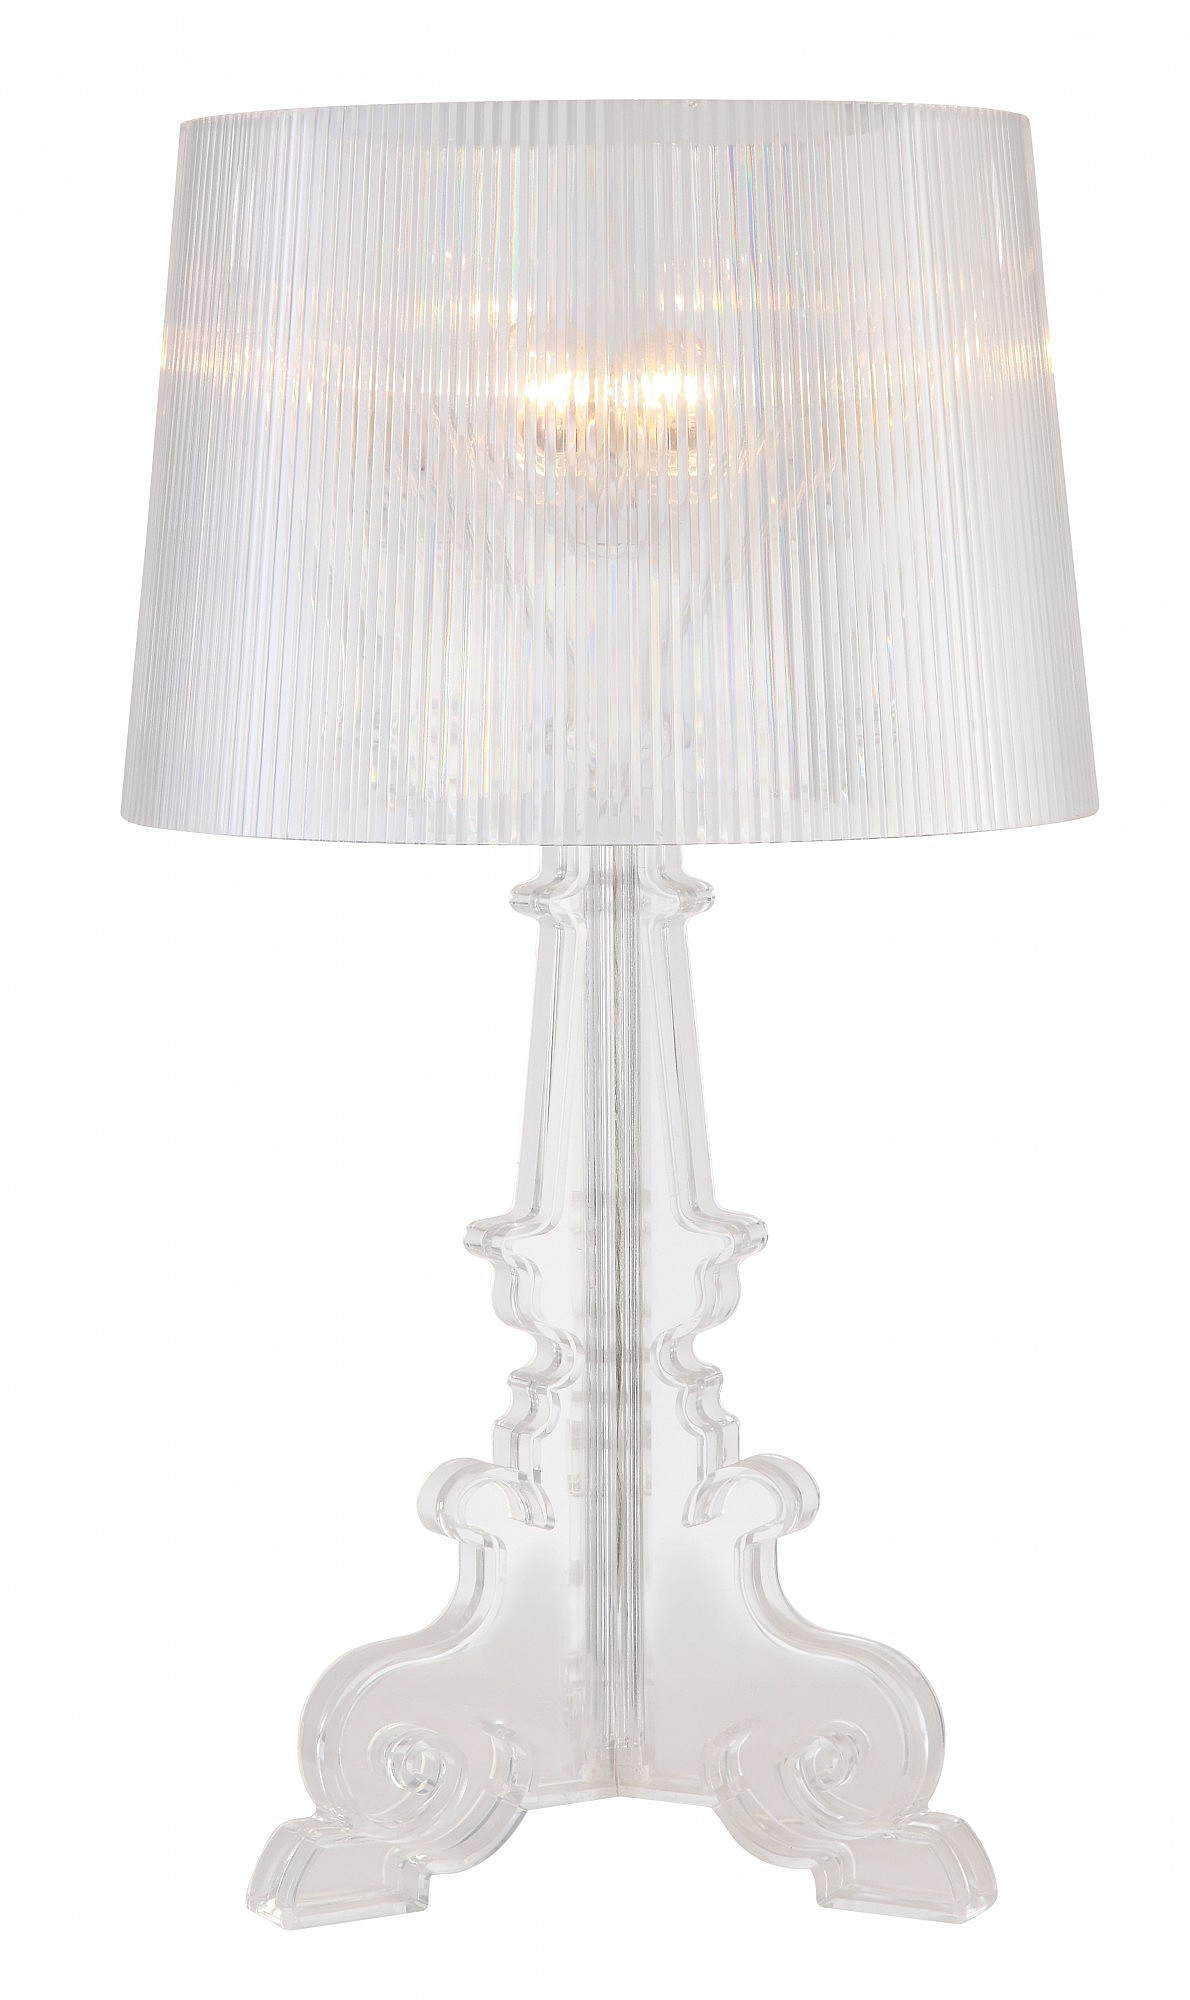 Настольные лампы Купить настольную лампу в Москве